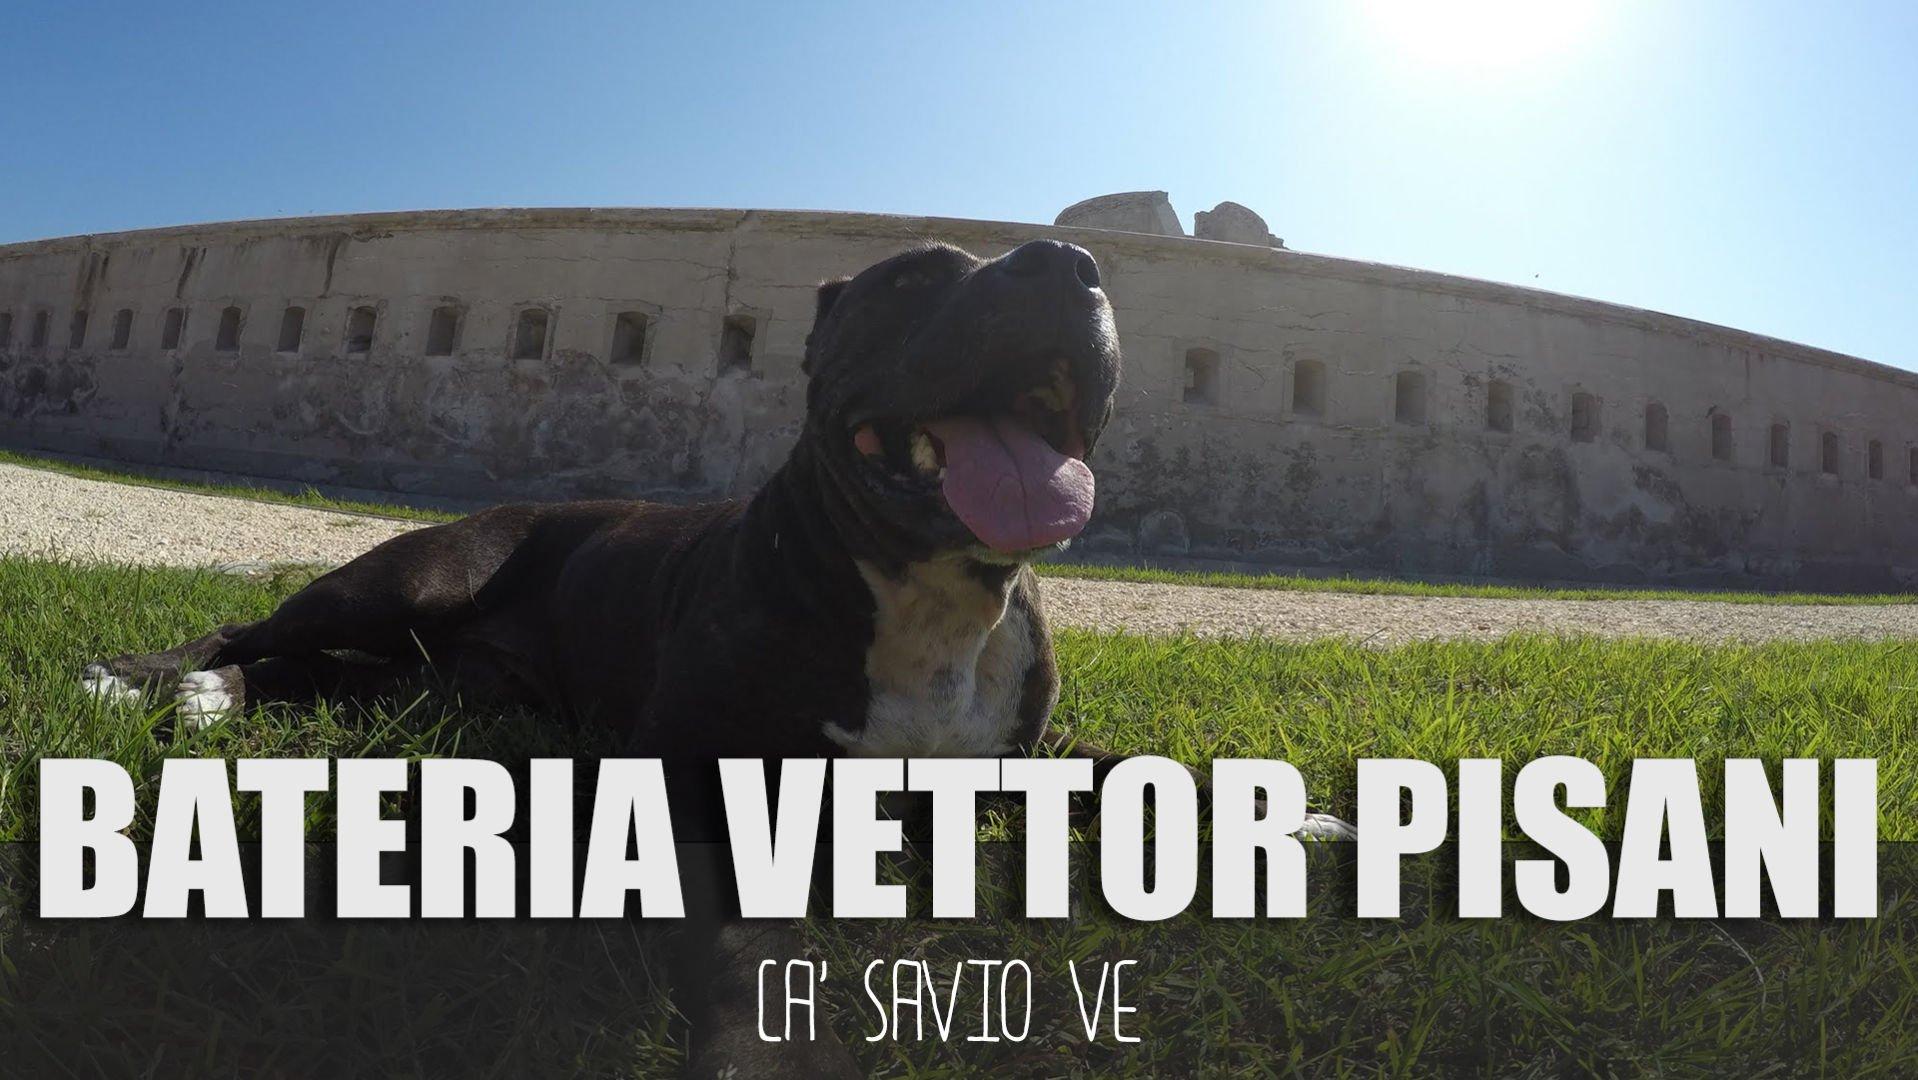 Forte Batteria Vettor Pisani a Ca' Savio VE con American Pitbull Terrier